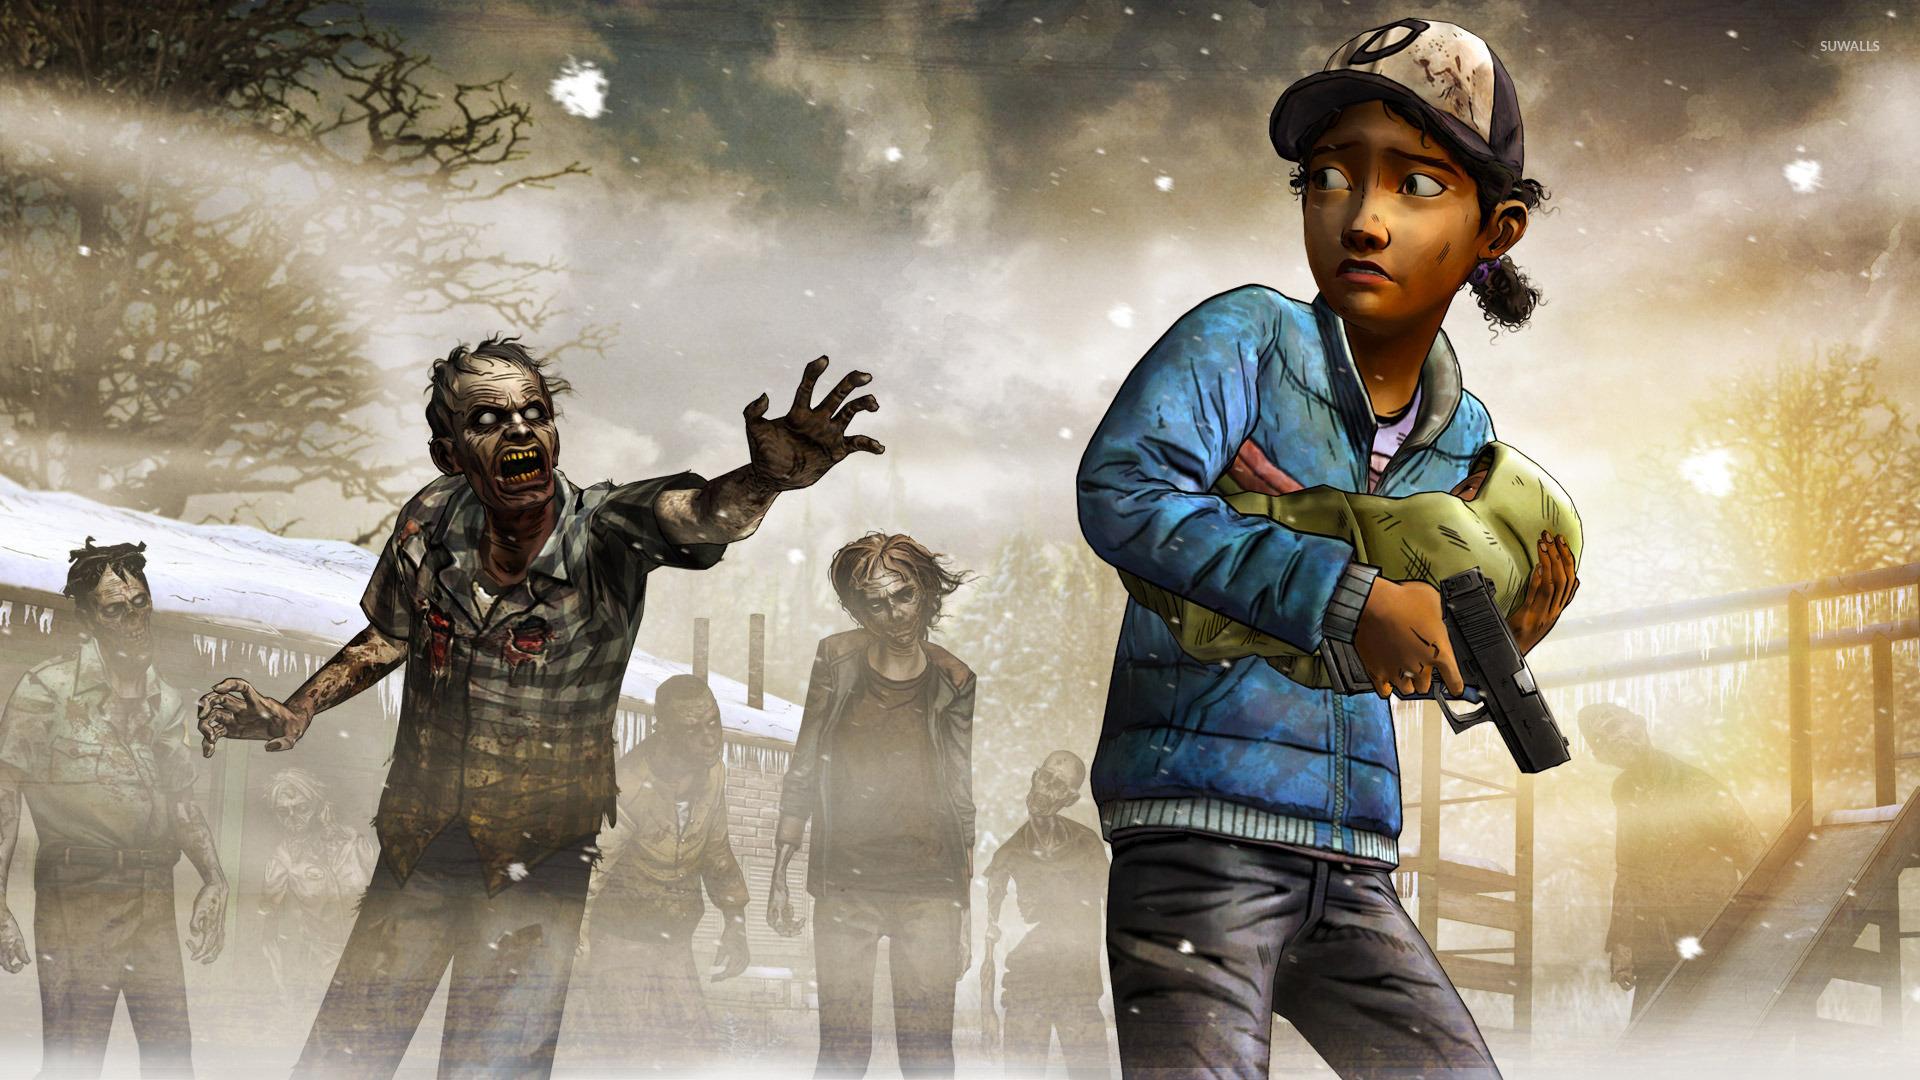 Walking dead game season 2 wallpaper